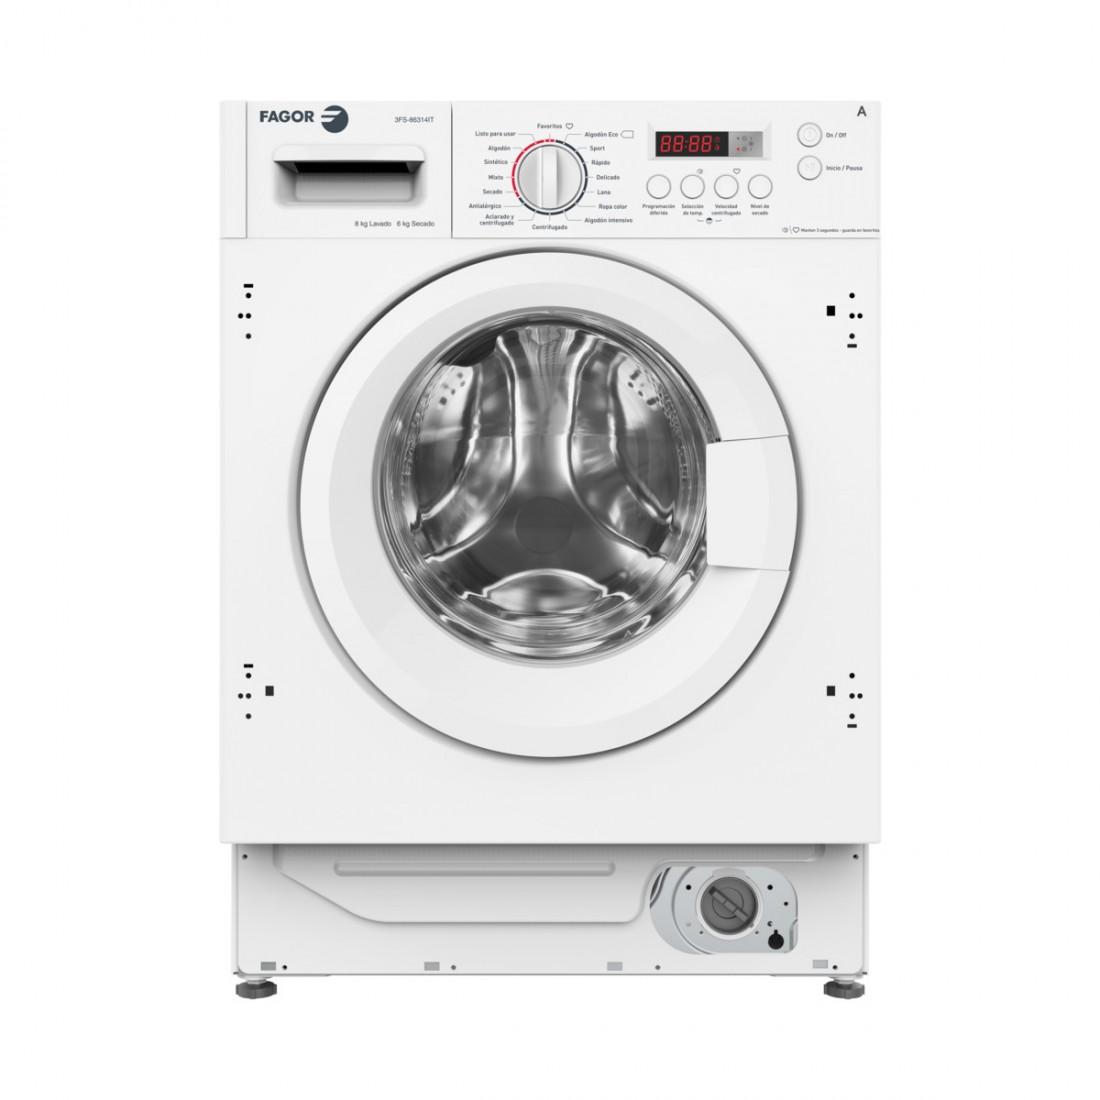 Lavasecadora Integrable - Fagor 3FS-86314IT, Eficiencia A, 8 kg, 1400 rpm, 6 kg